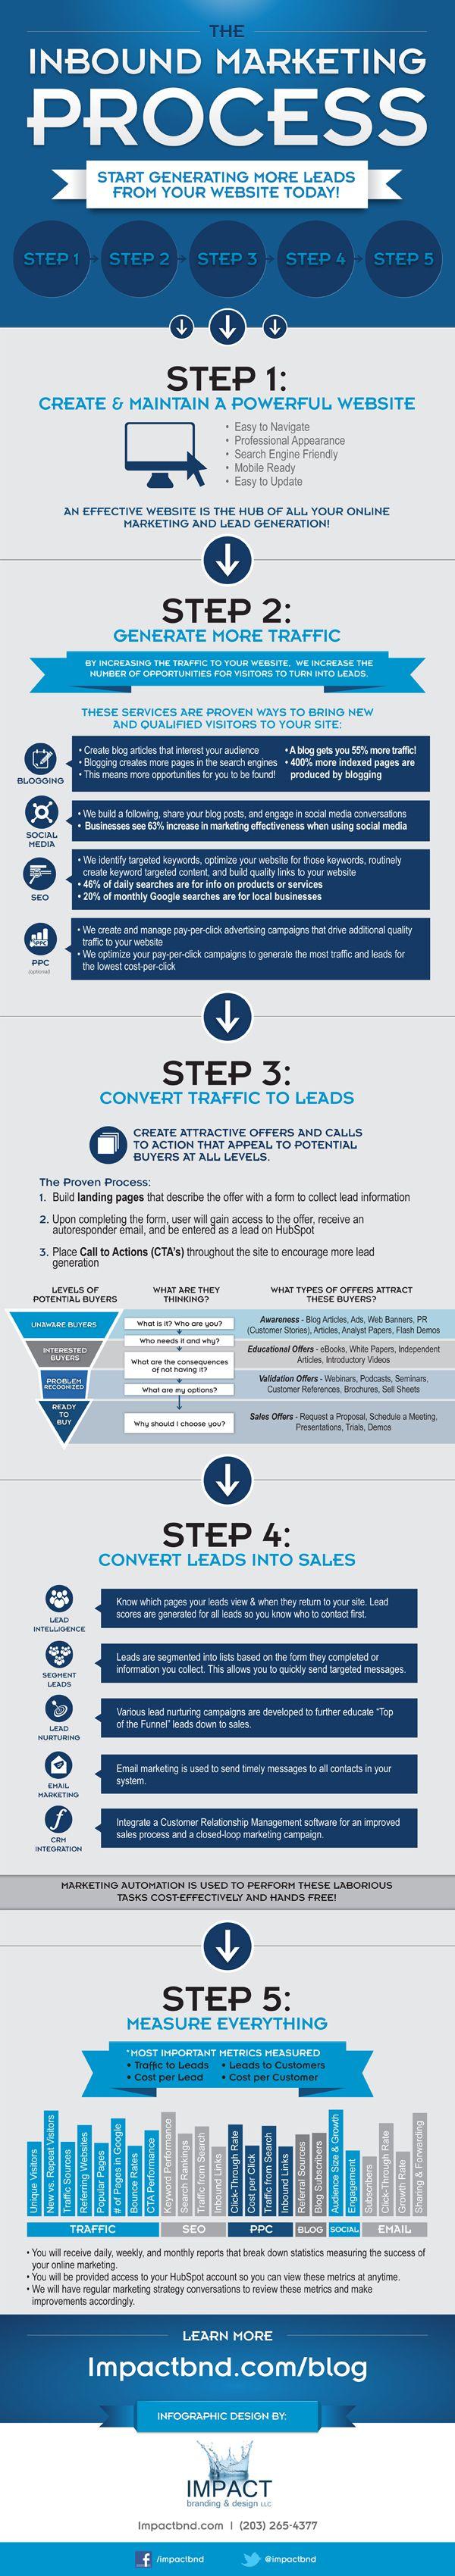 Inbound marketing-- super important to understand!